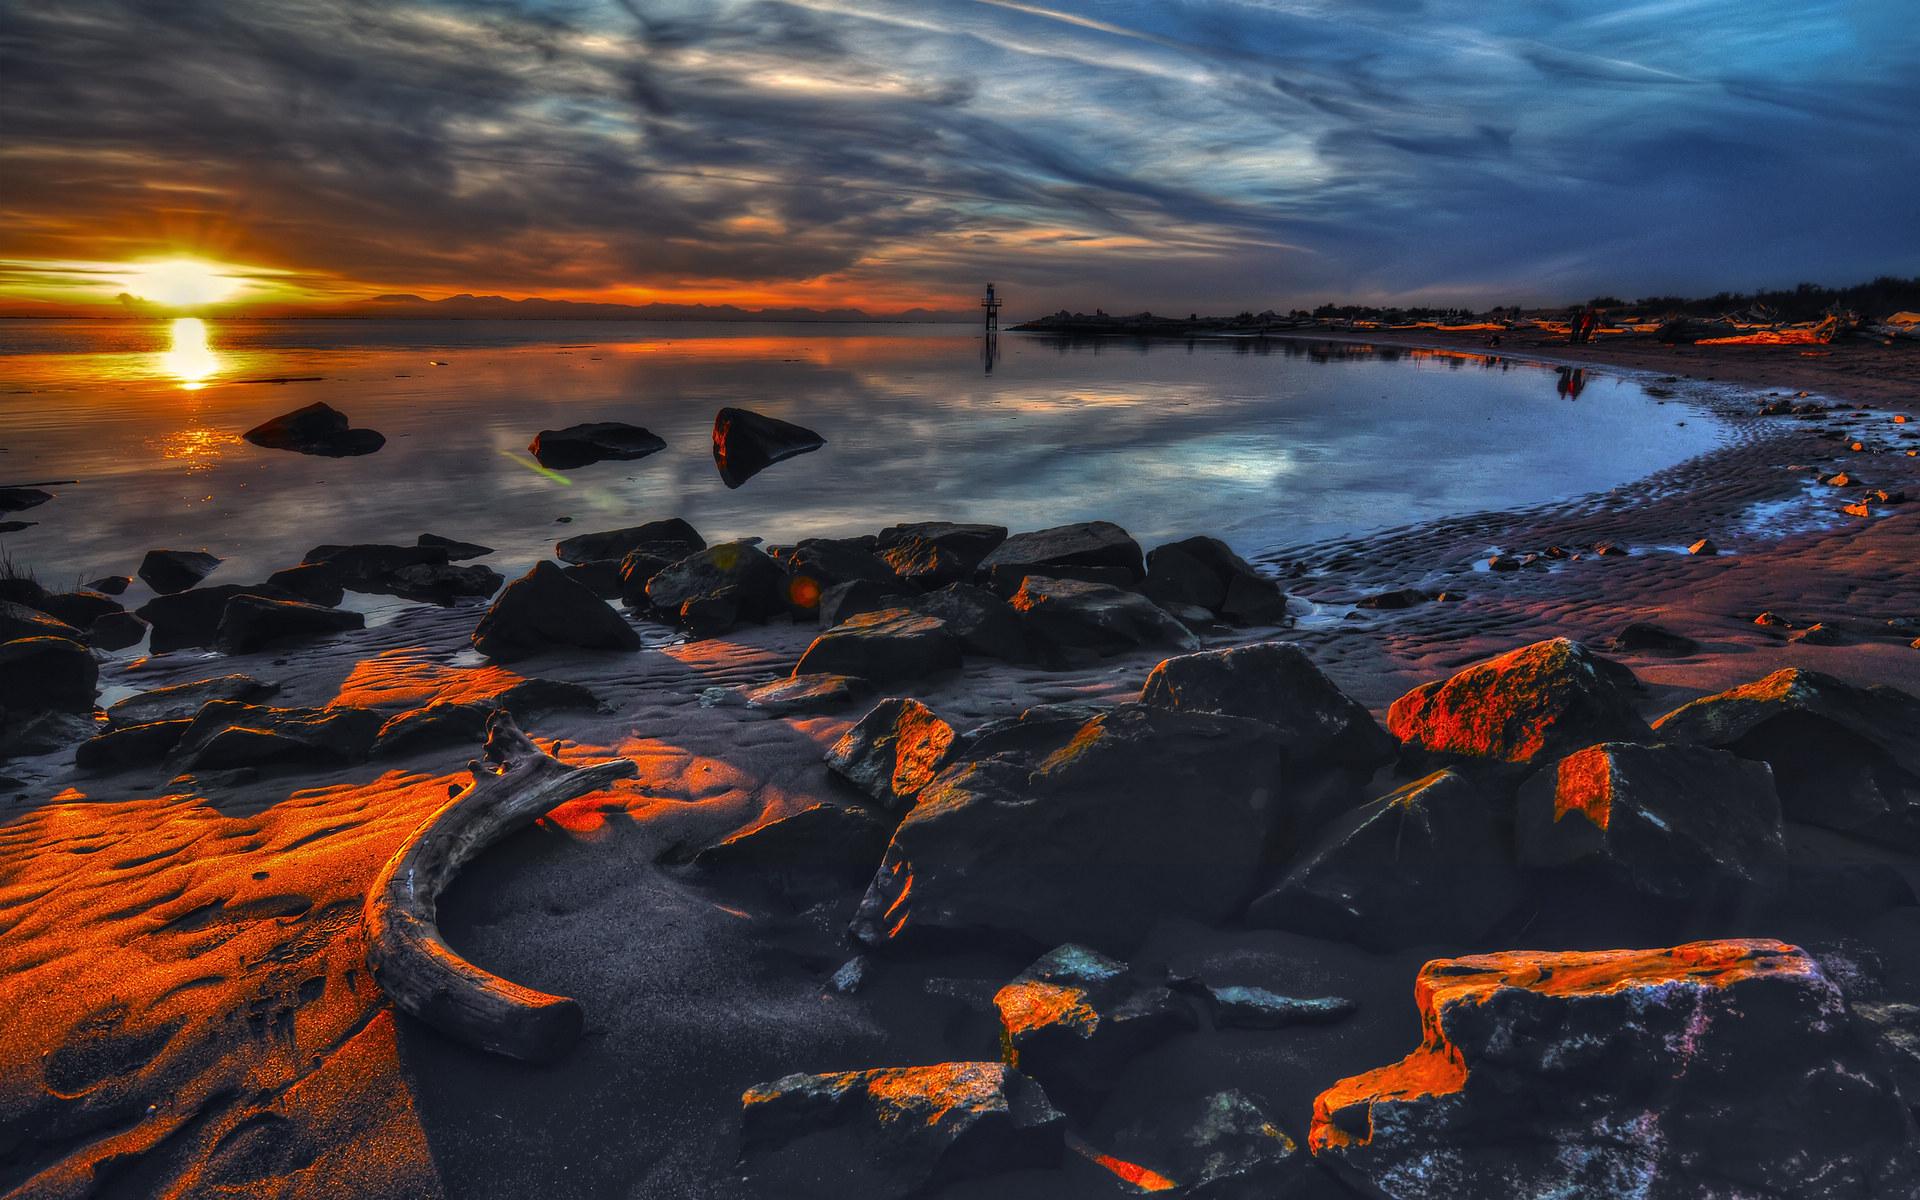 夕阳海景高清桌面壁纸图片